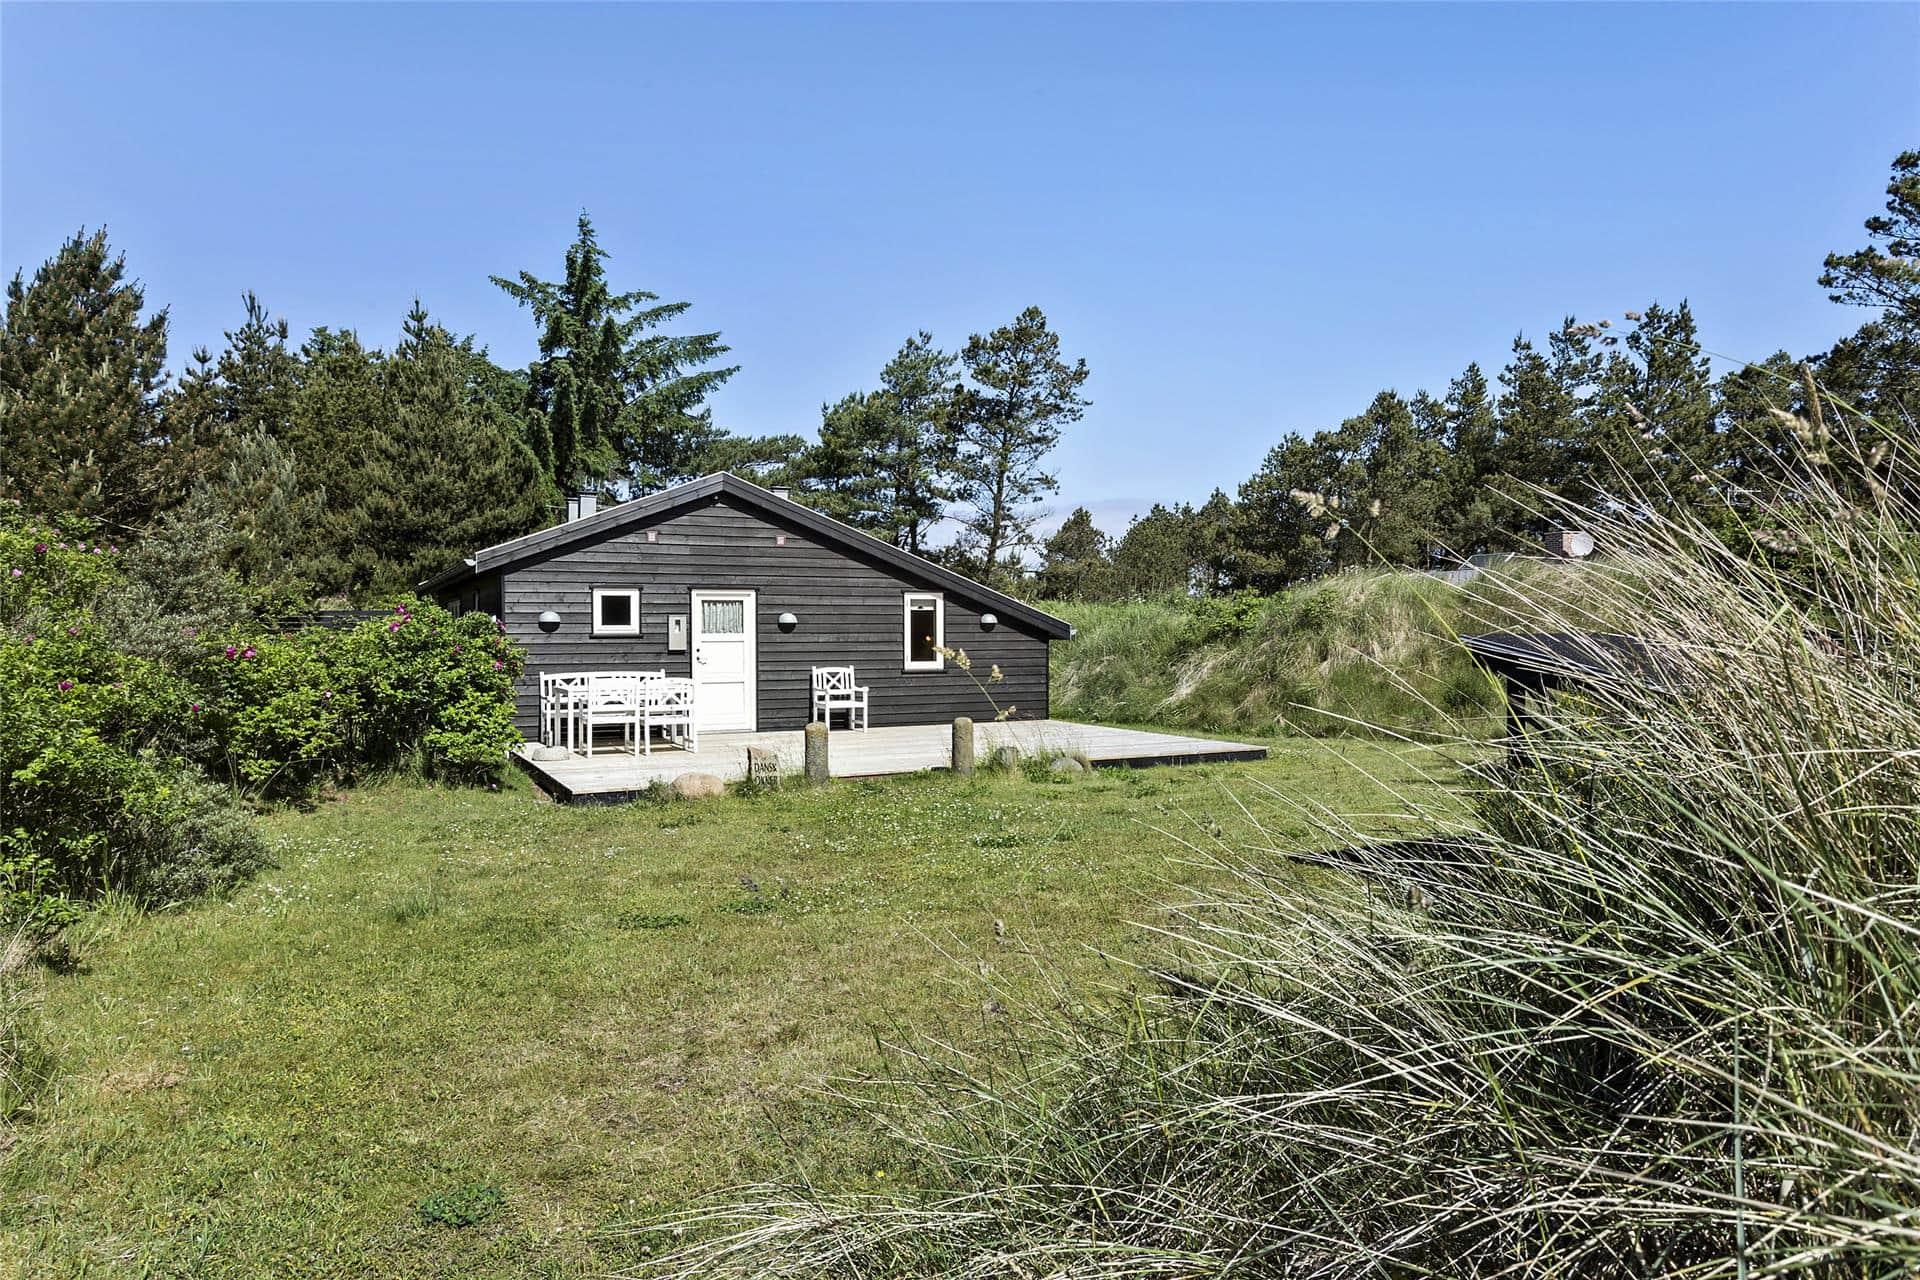 Billede 1-13 Sommerhus 527, Mølgaardsvej 43, DK - 7700 Thisted